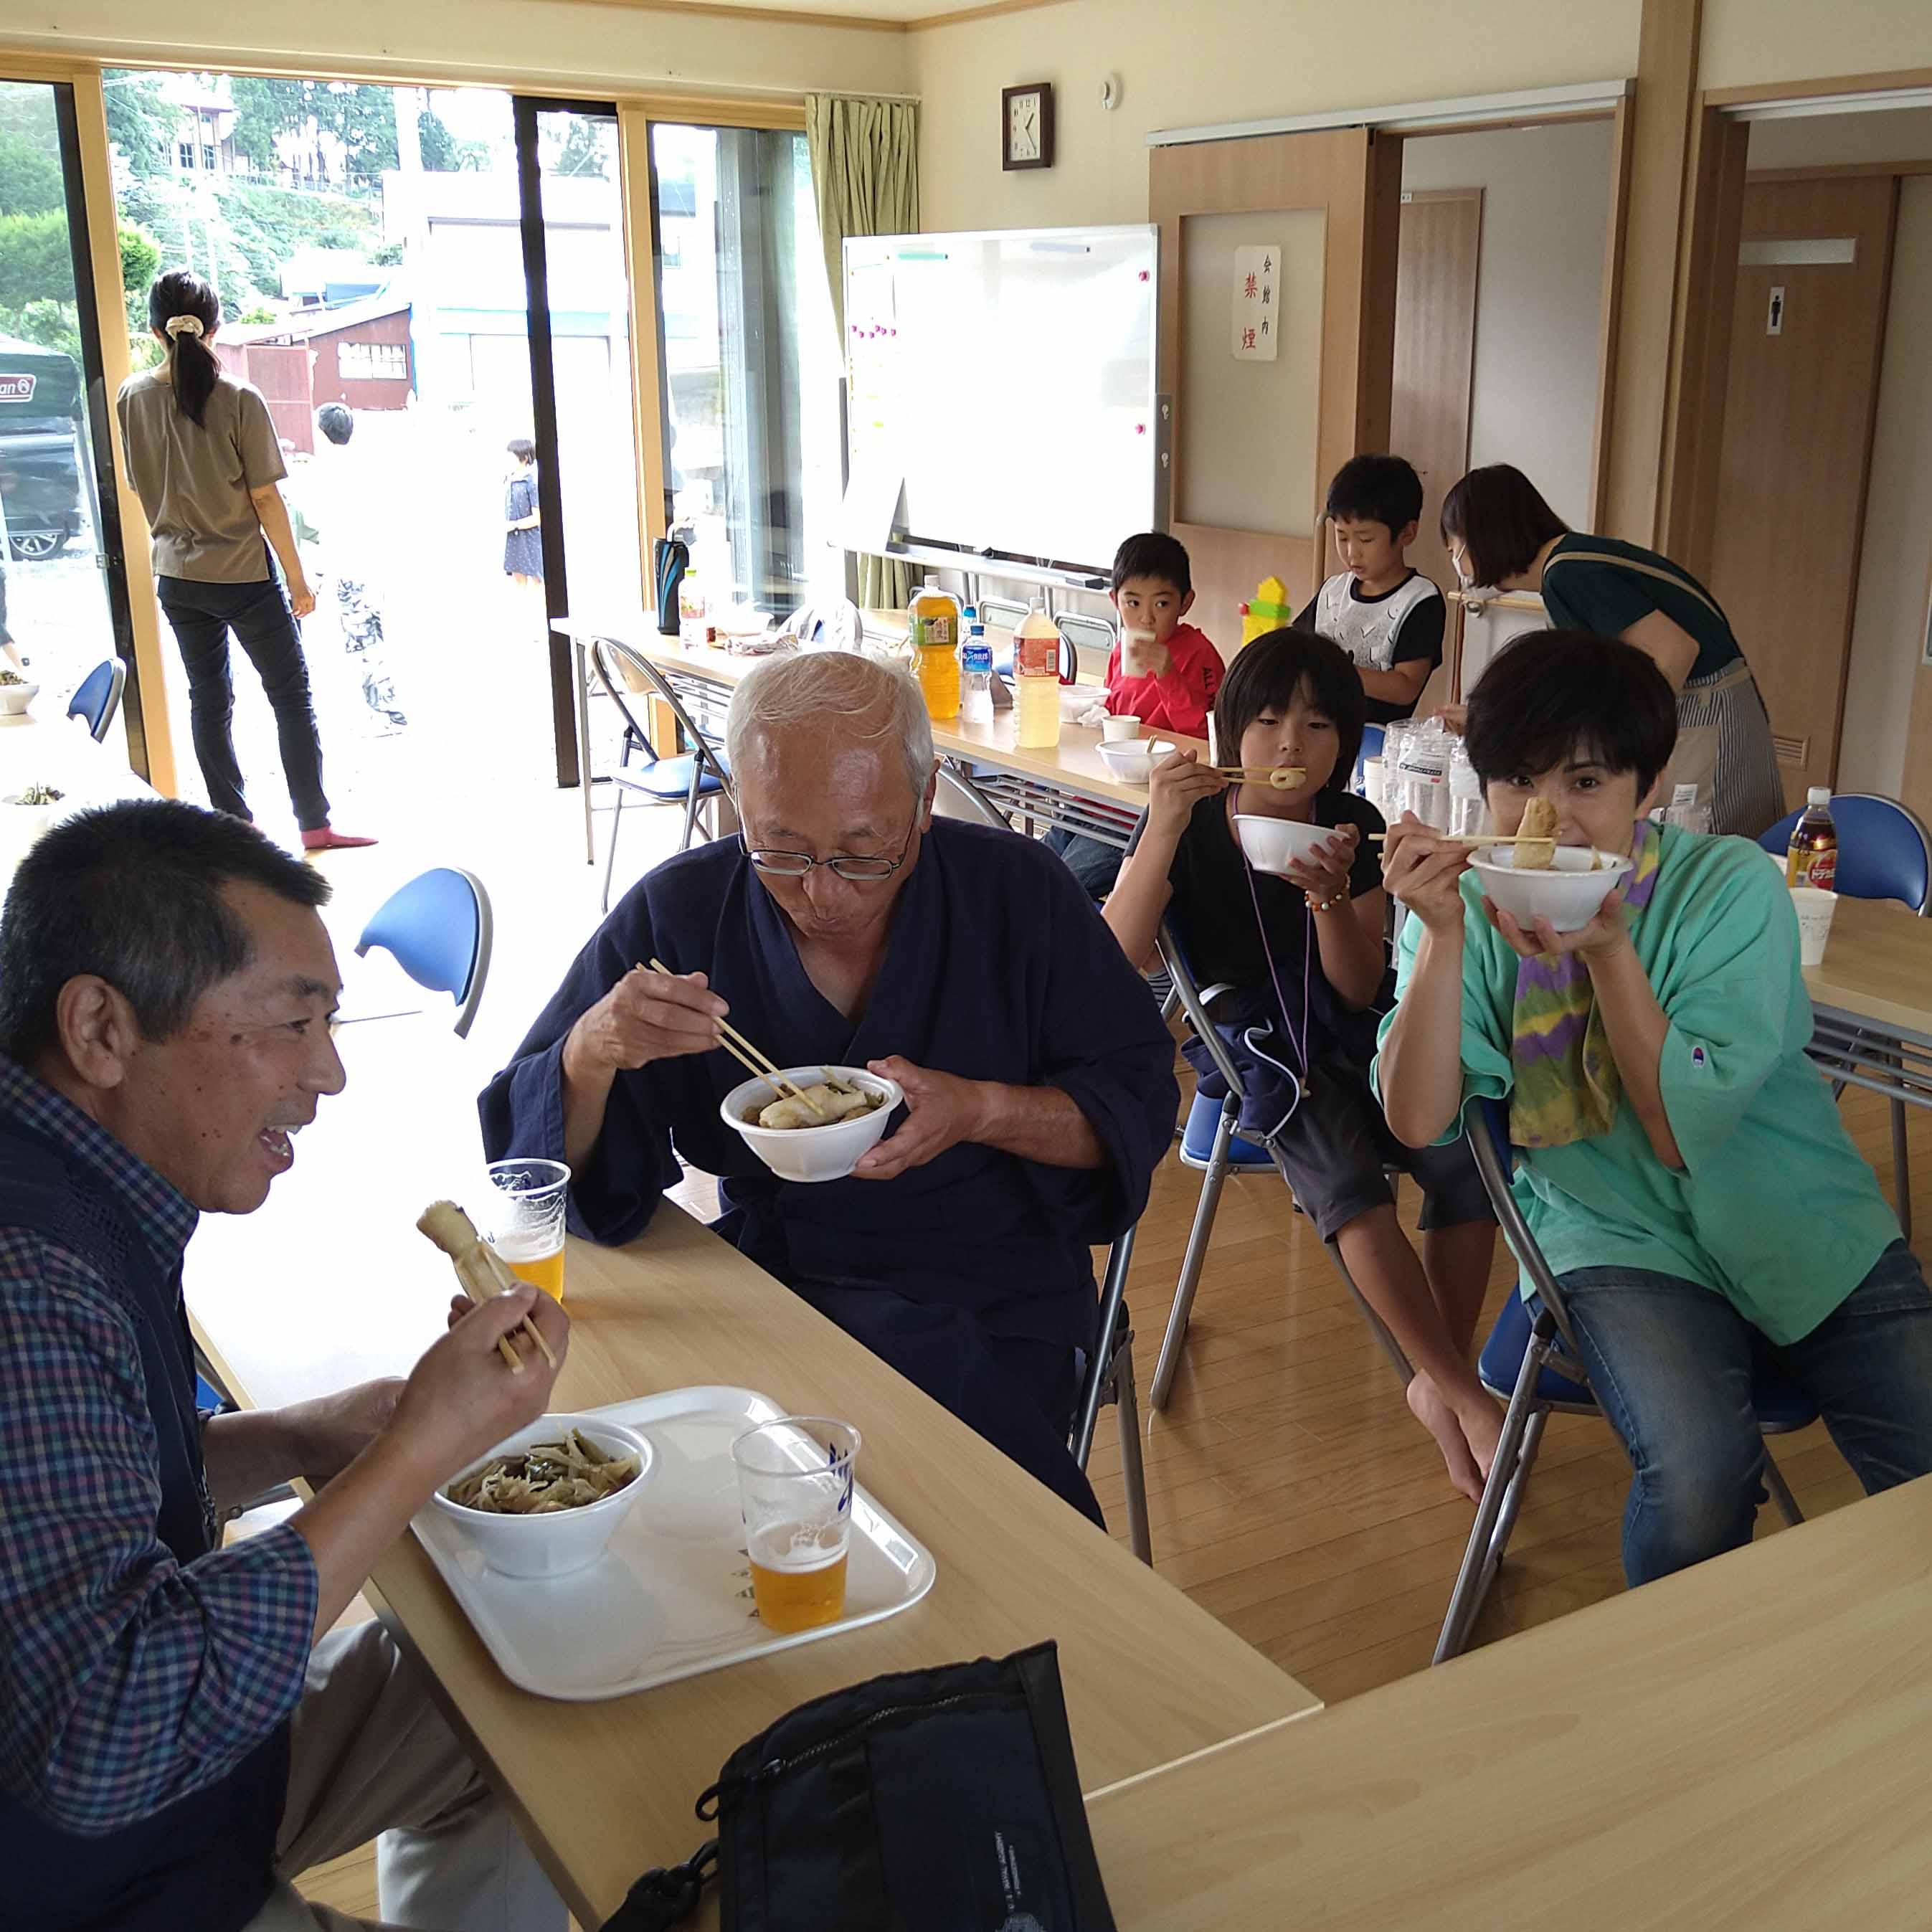 【報告】9/23(水)桂城少年剣友会のみなさんによるなべっこを開催!